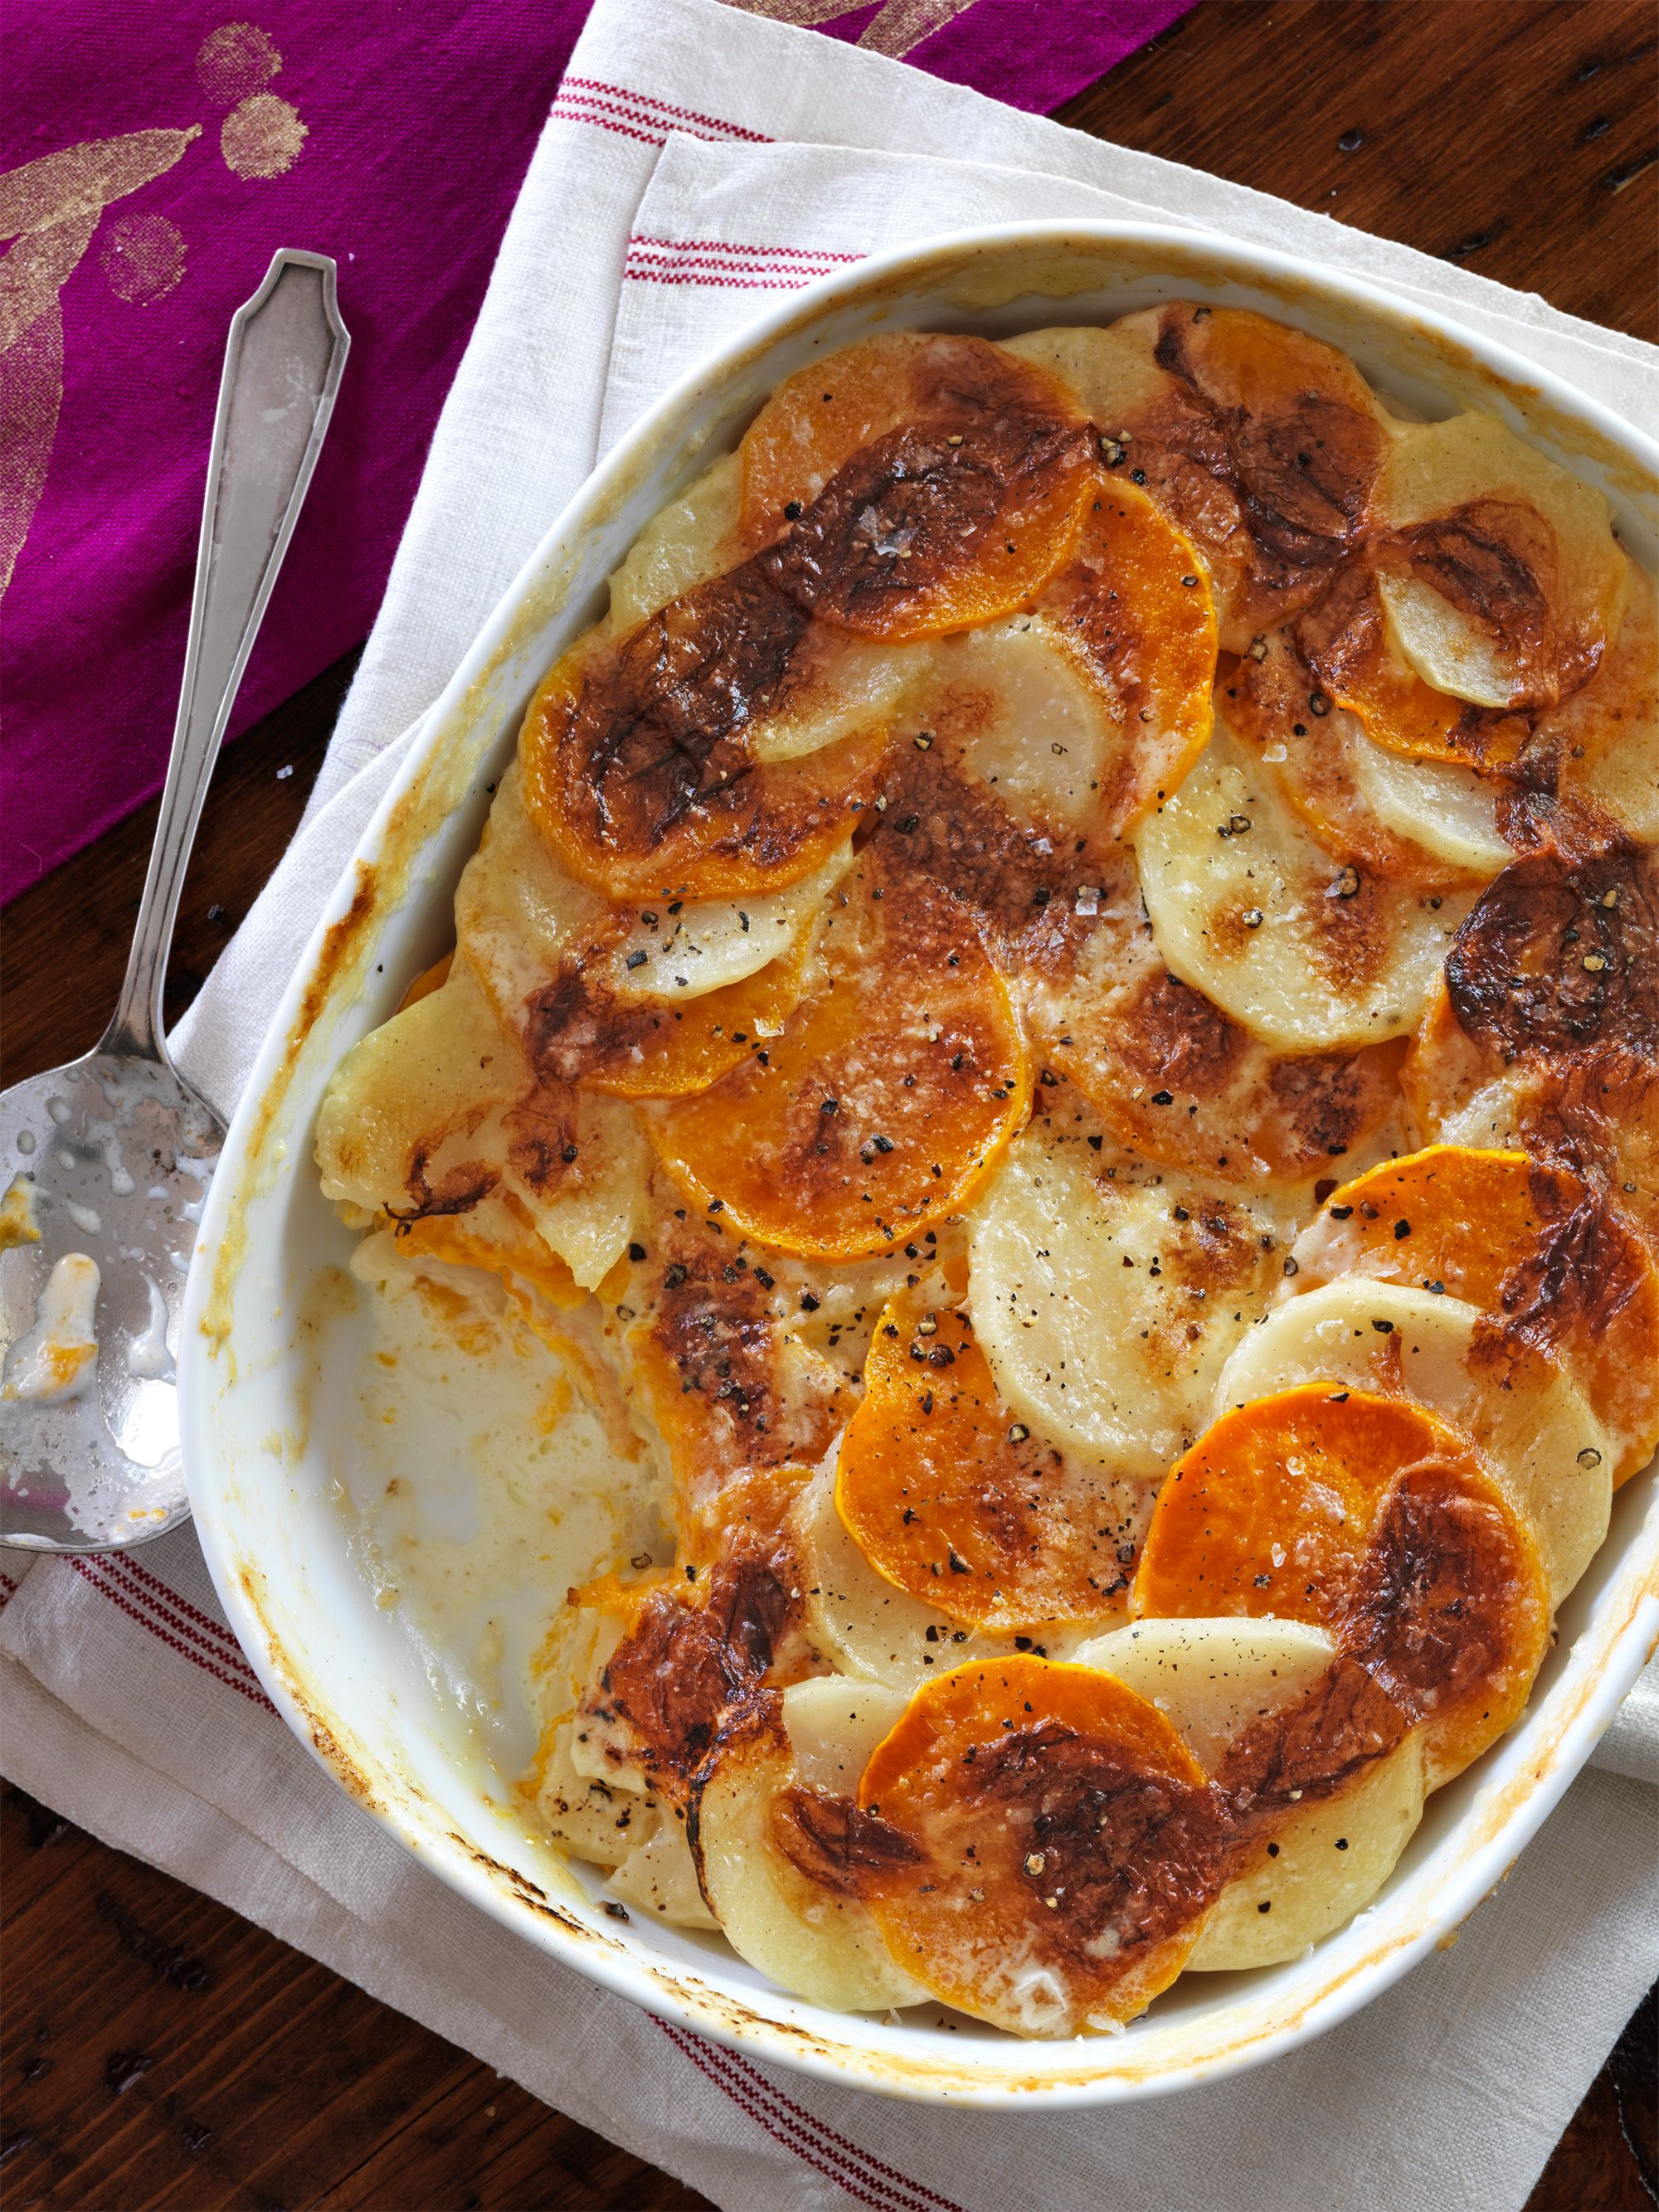 Potato and Butternut Squash Gratin